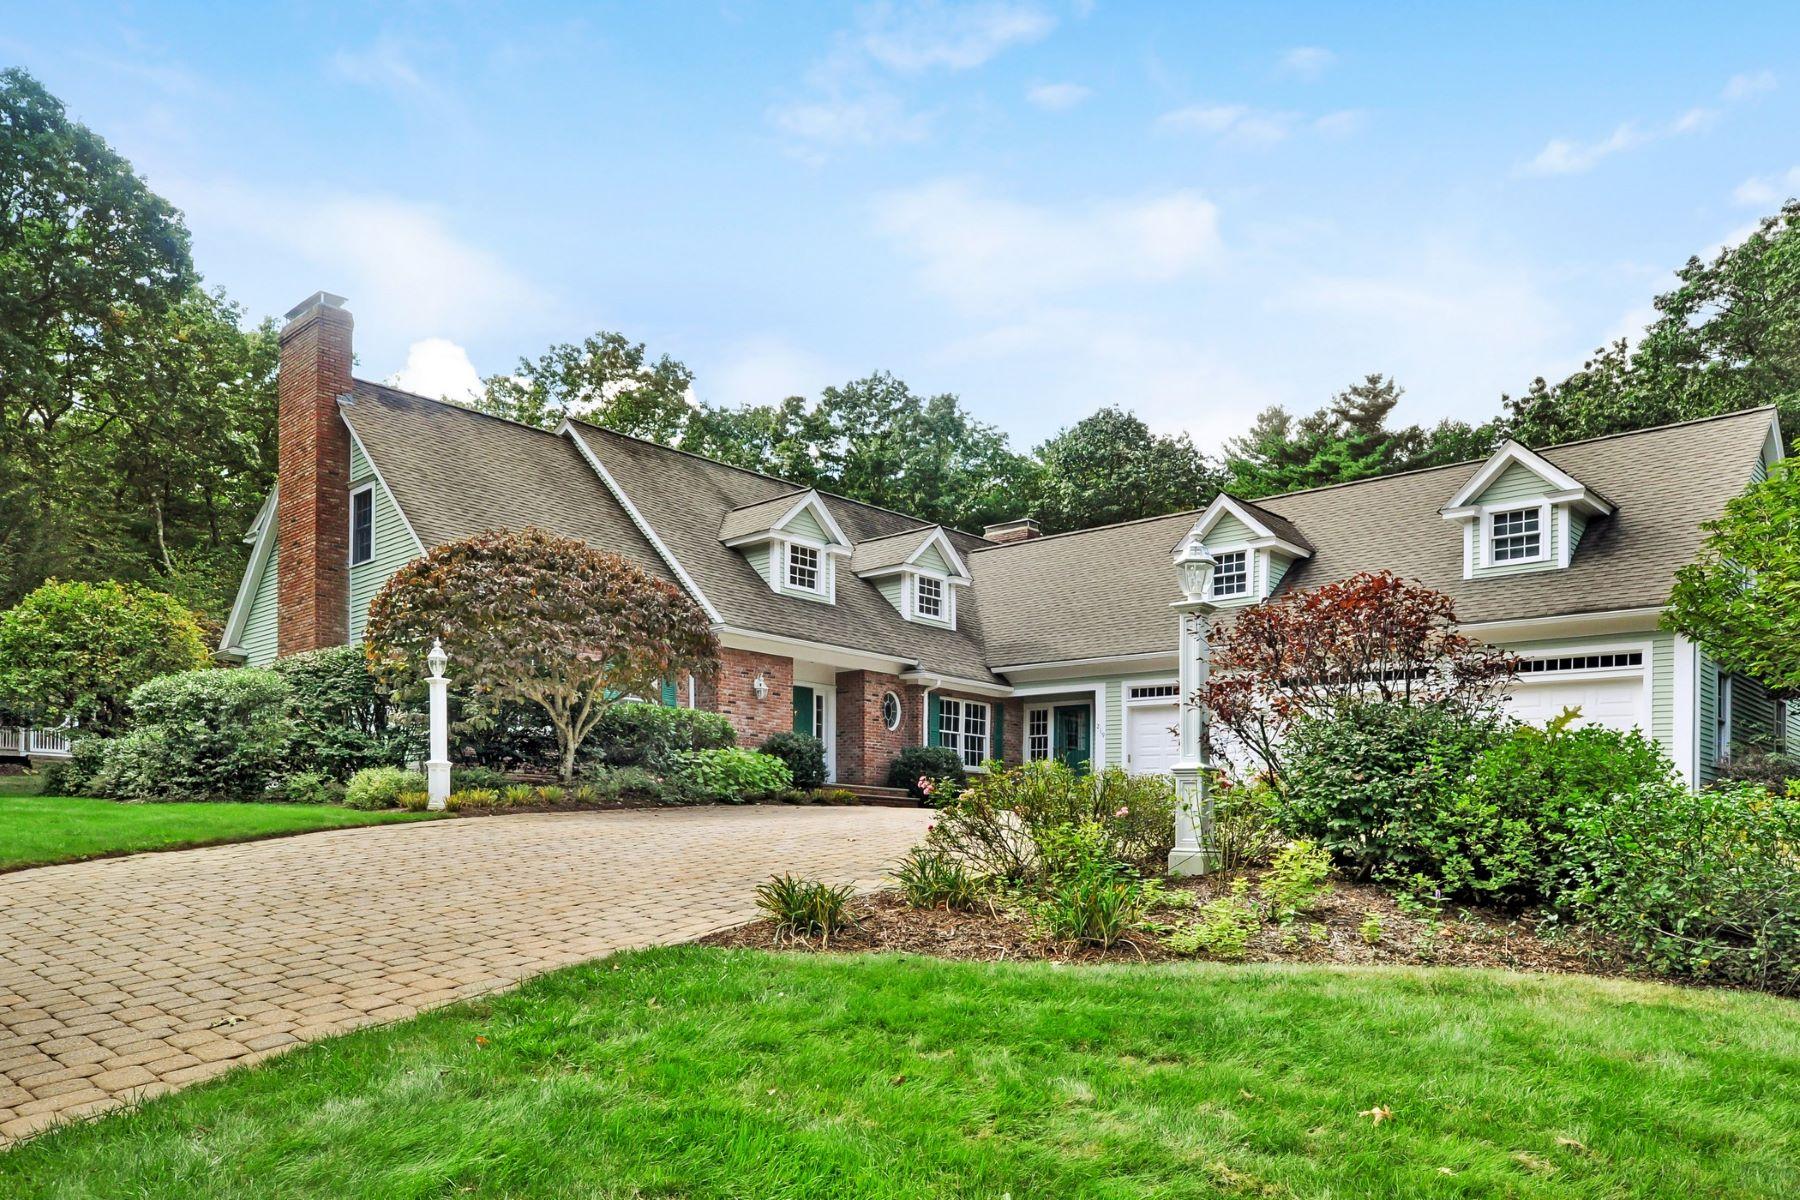 一戸建て のために 売買 アット 219 Hutchins Road, Carlisle 219 Hutchins Rd Carlisle, マサチューセッツ 01741 アメリカ合衆国